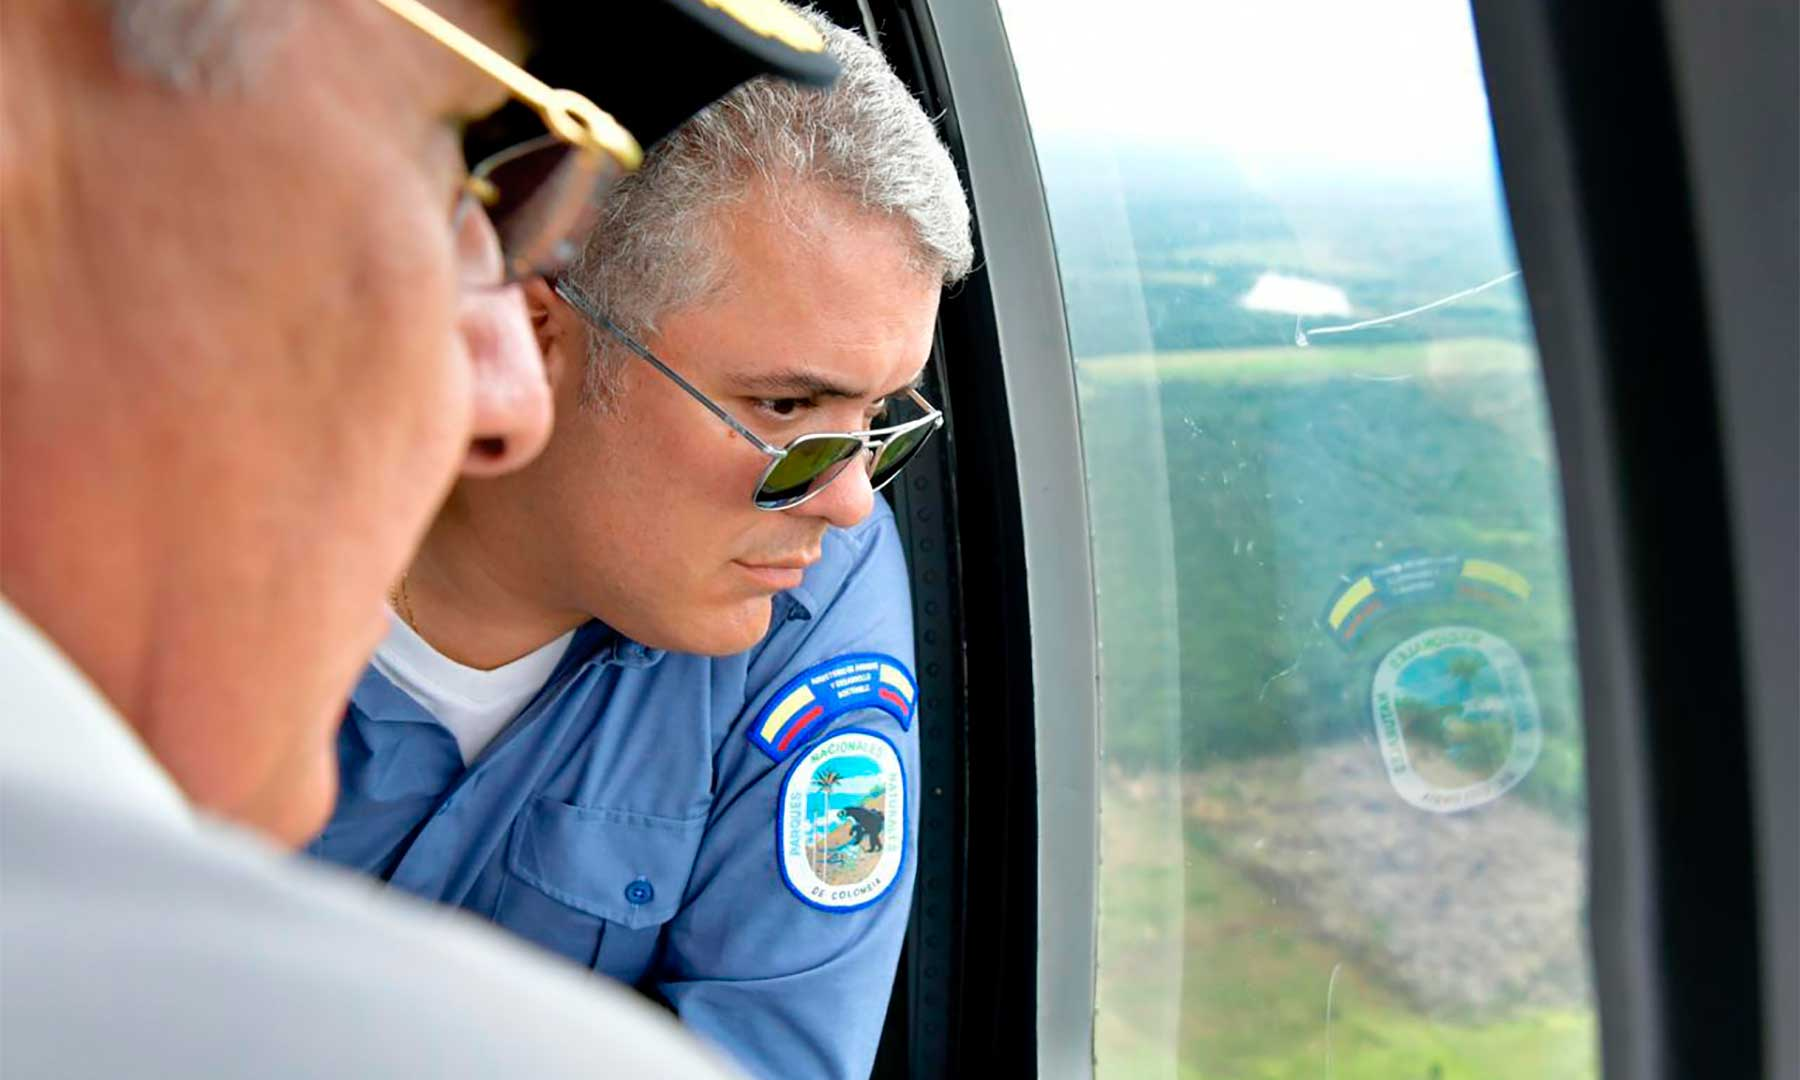 El Presidente Iván Duque sobrevoló el 28 de abril la Serranía de Chiribiquete antes de oficializar el lanzamiento de la Campaña 'Artemisa', para combatir la deforestación. Foto: Efraín Herrera - Presidencia de Colombia.